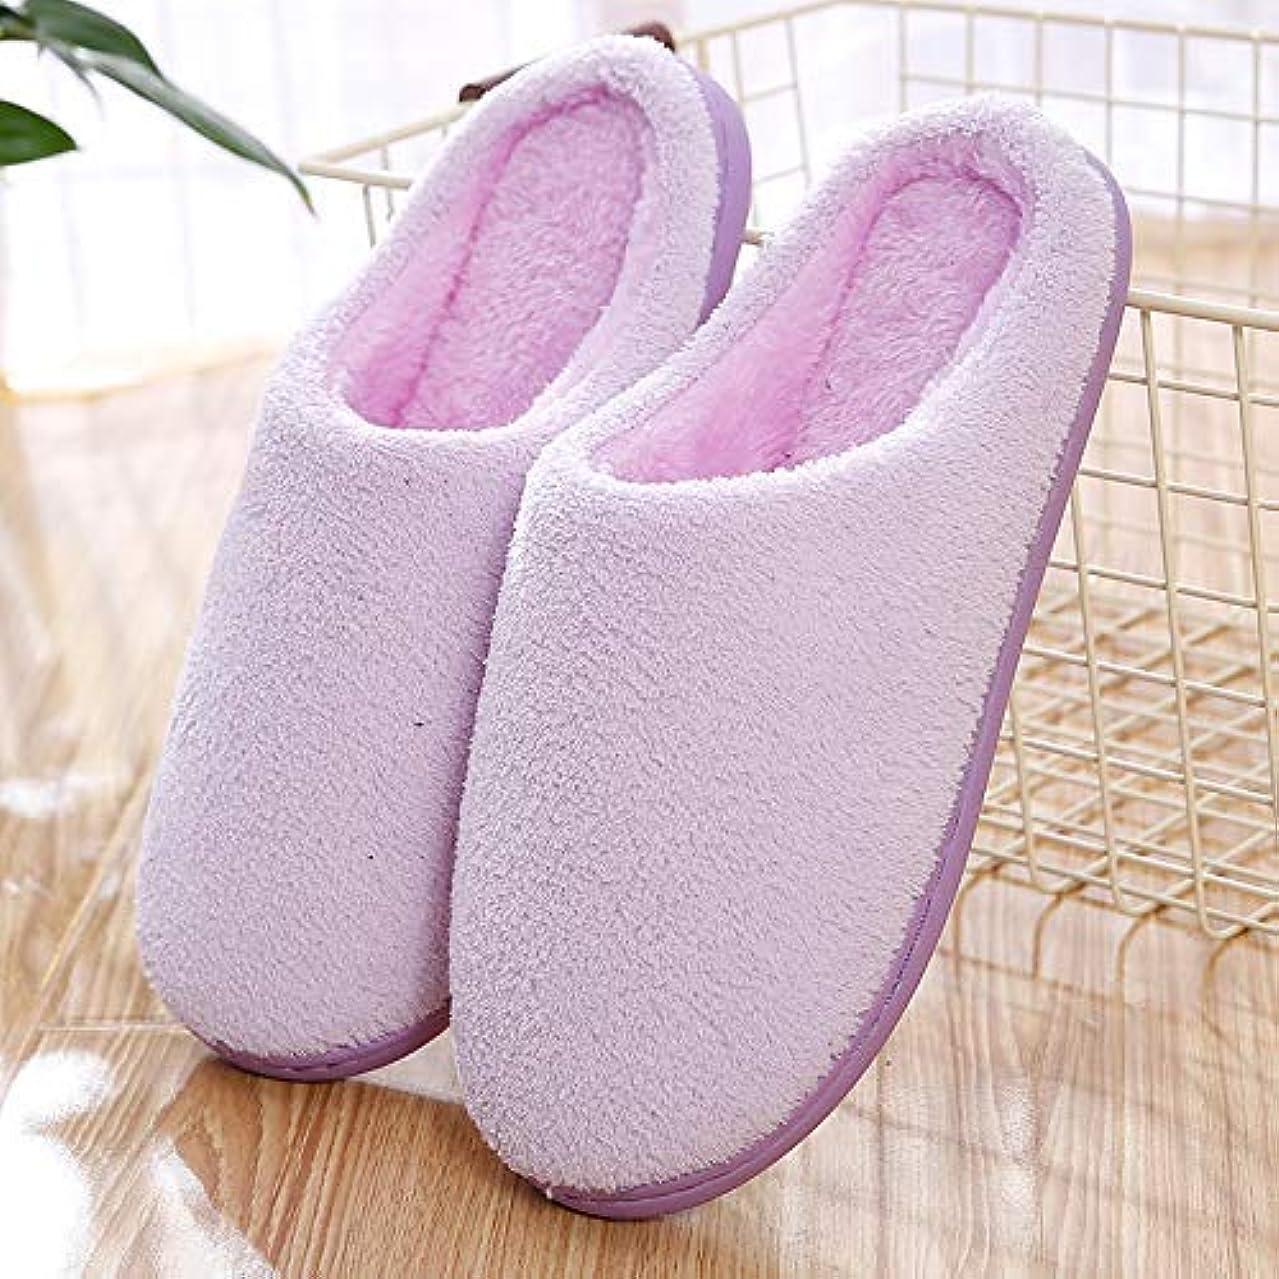 ペリスコープ戸惑うブラウズ[QingMate] レディースアニバーサリーリング 冬のカップルの綿のスリッパの女性の家の屋内屋内の滑り止めの厚い男性の冬の月の靴は暖かく保つために、 (Color : [Solid Color] Purple, サイズ : 26)